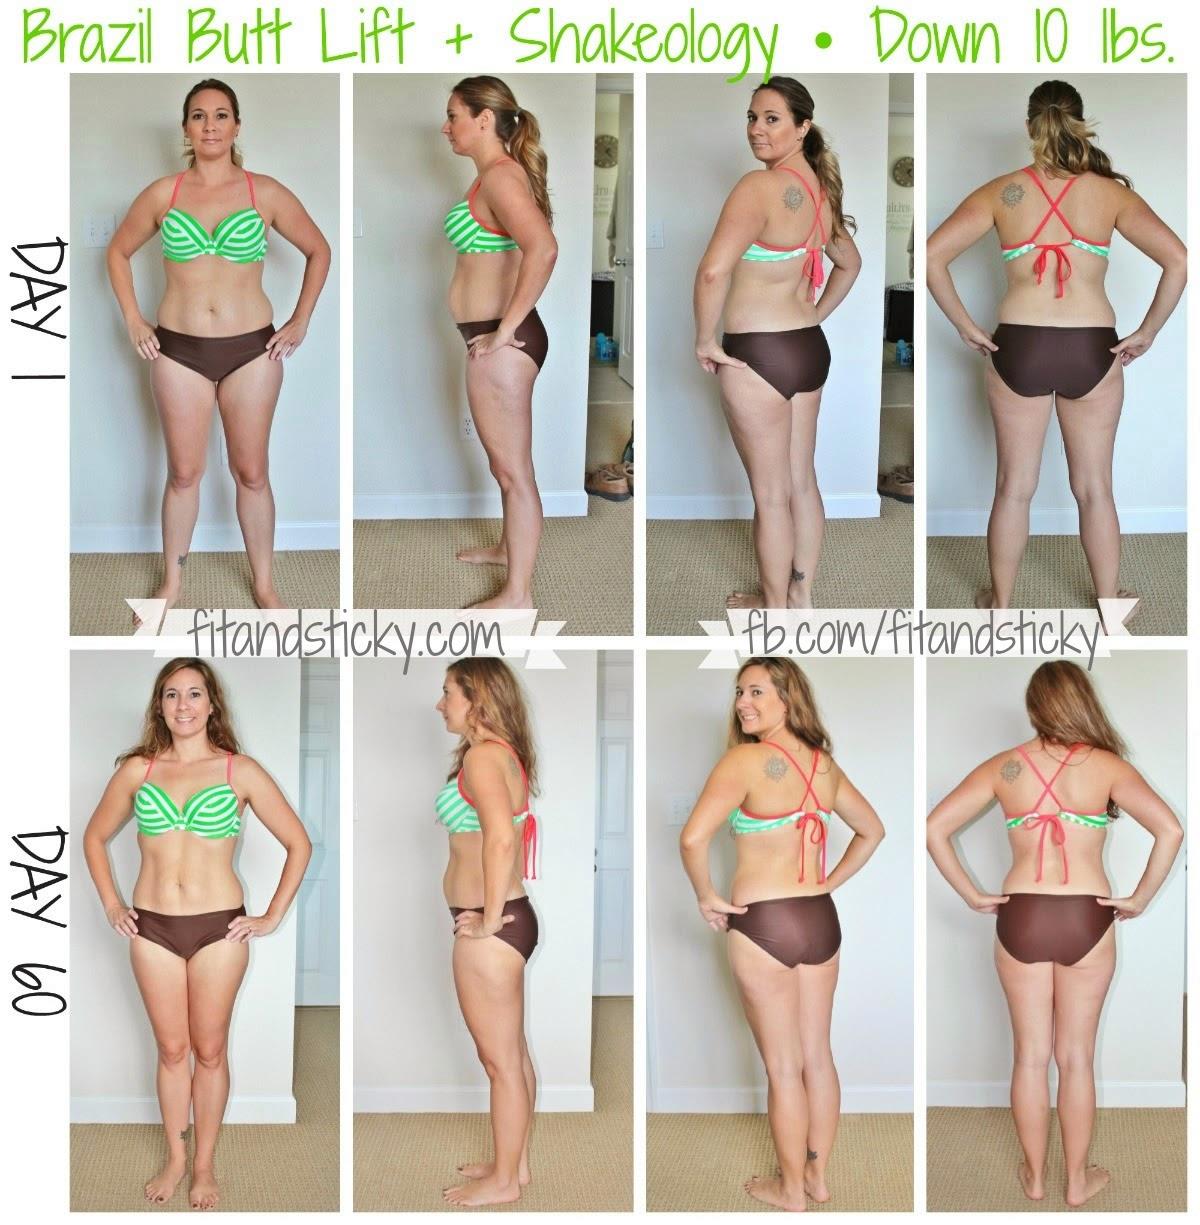 brazilian butt lift workout results